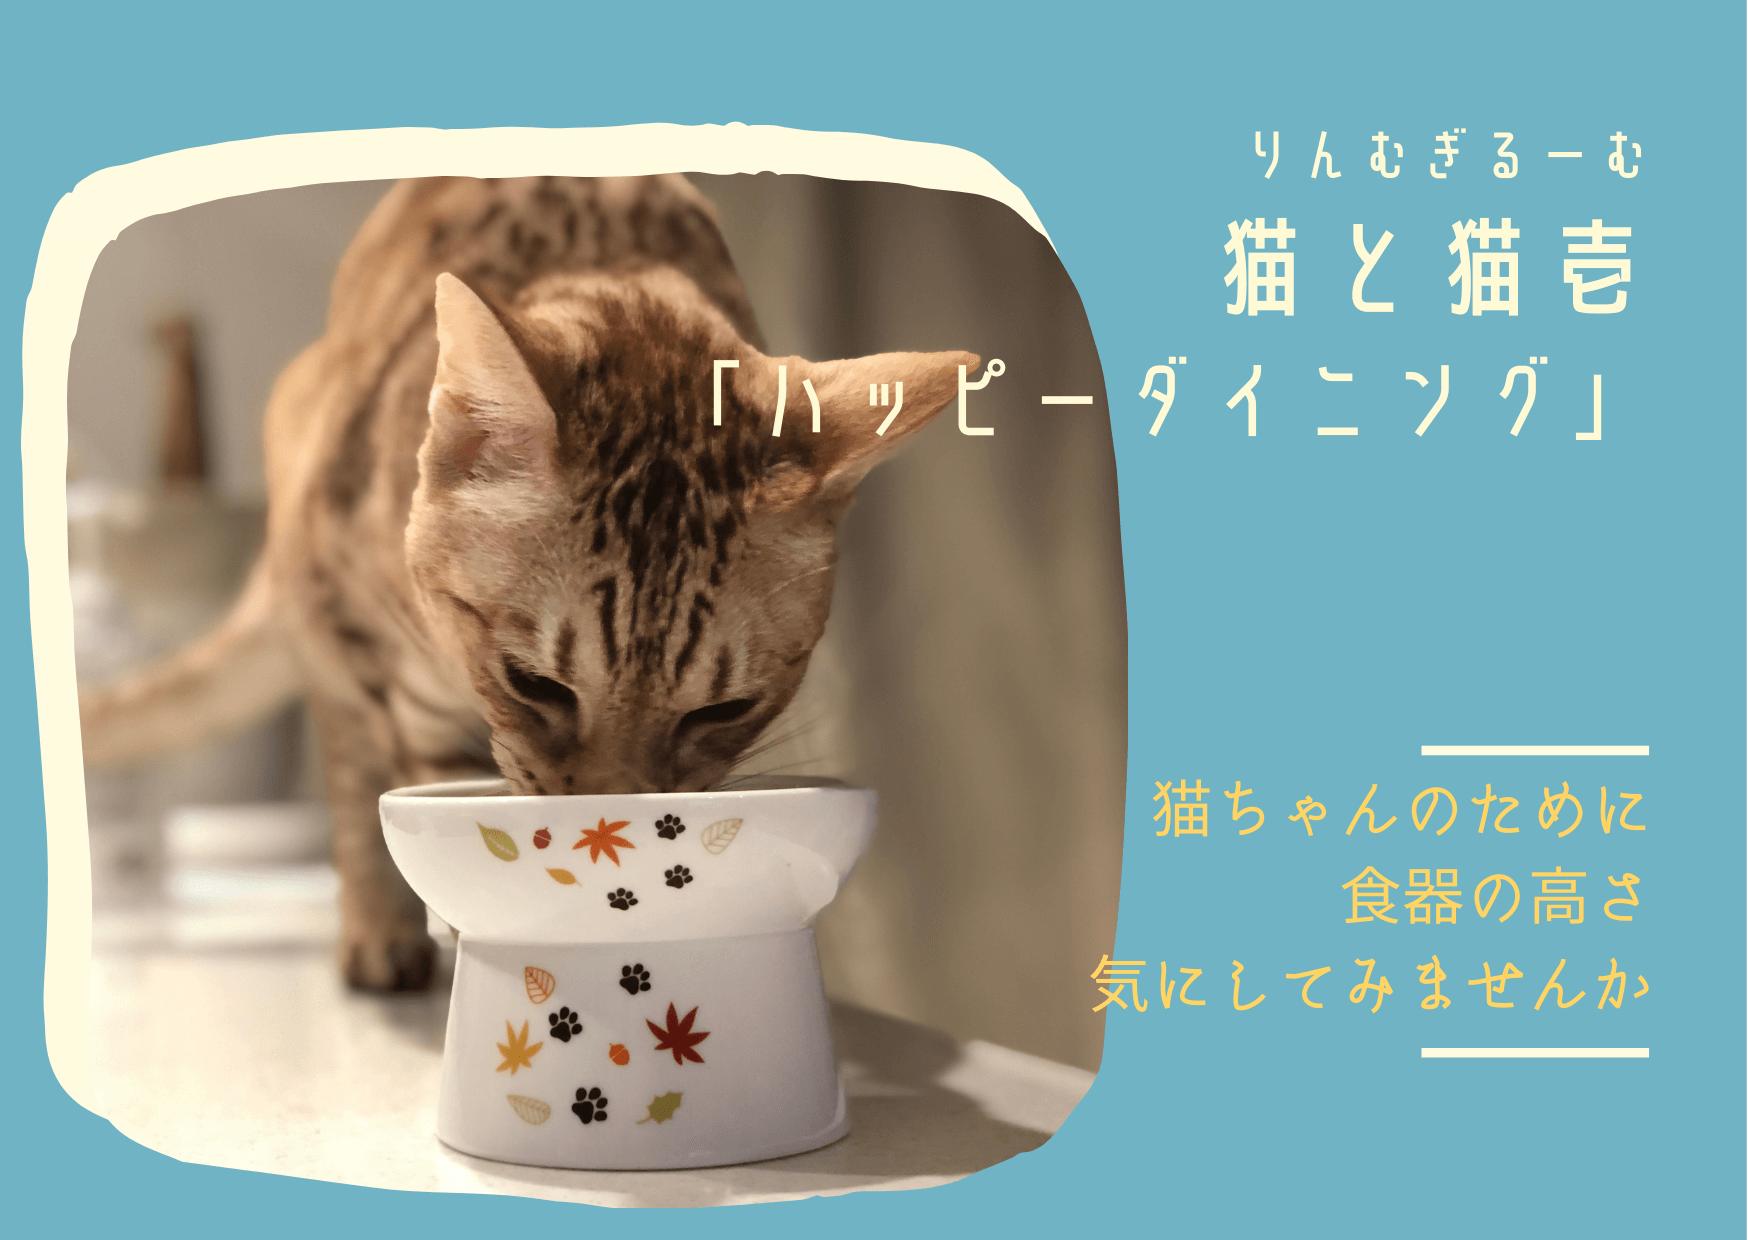 猫と猫壱 「ハッピーダイニング」